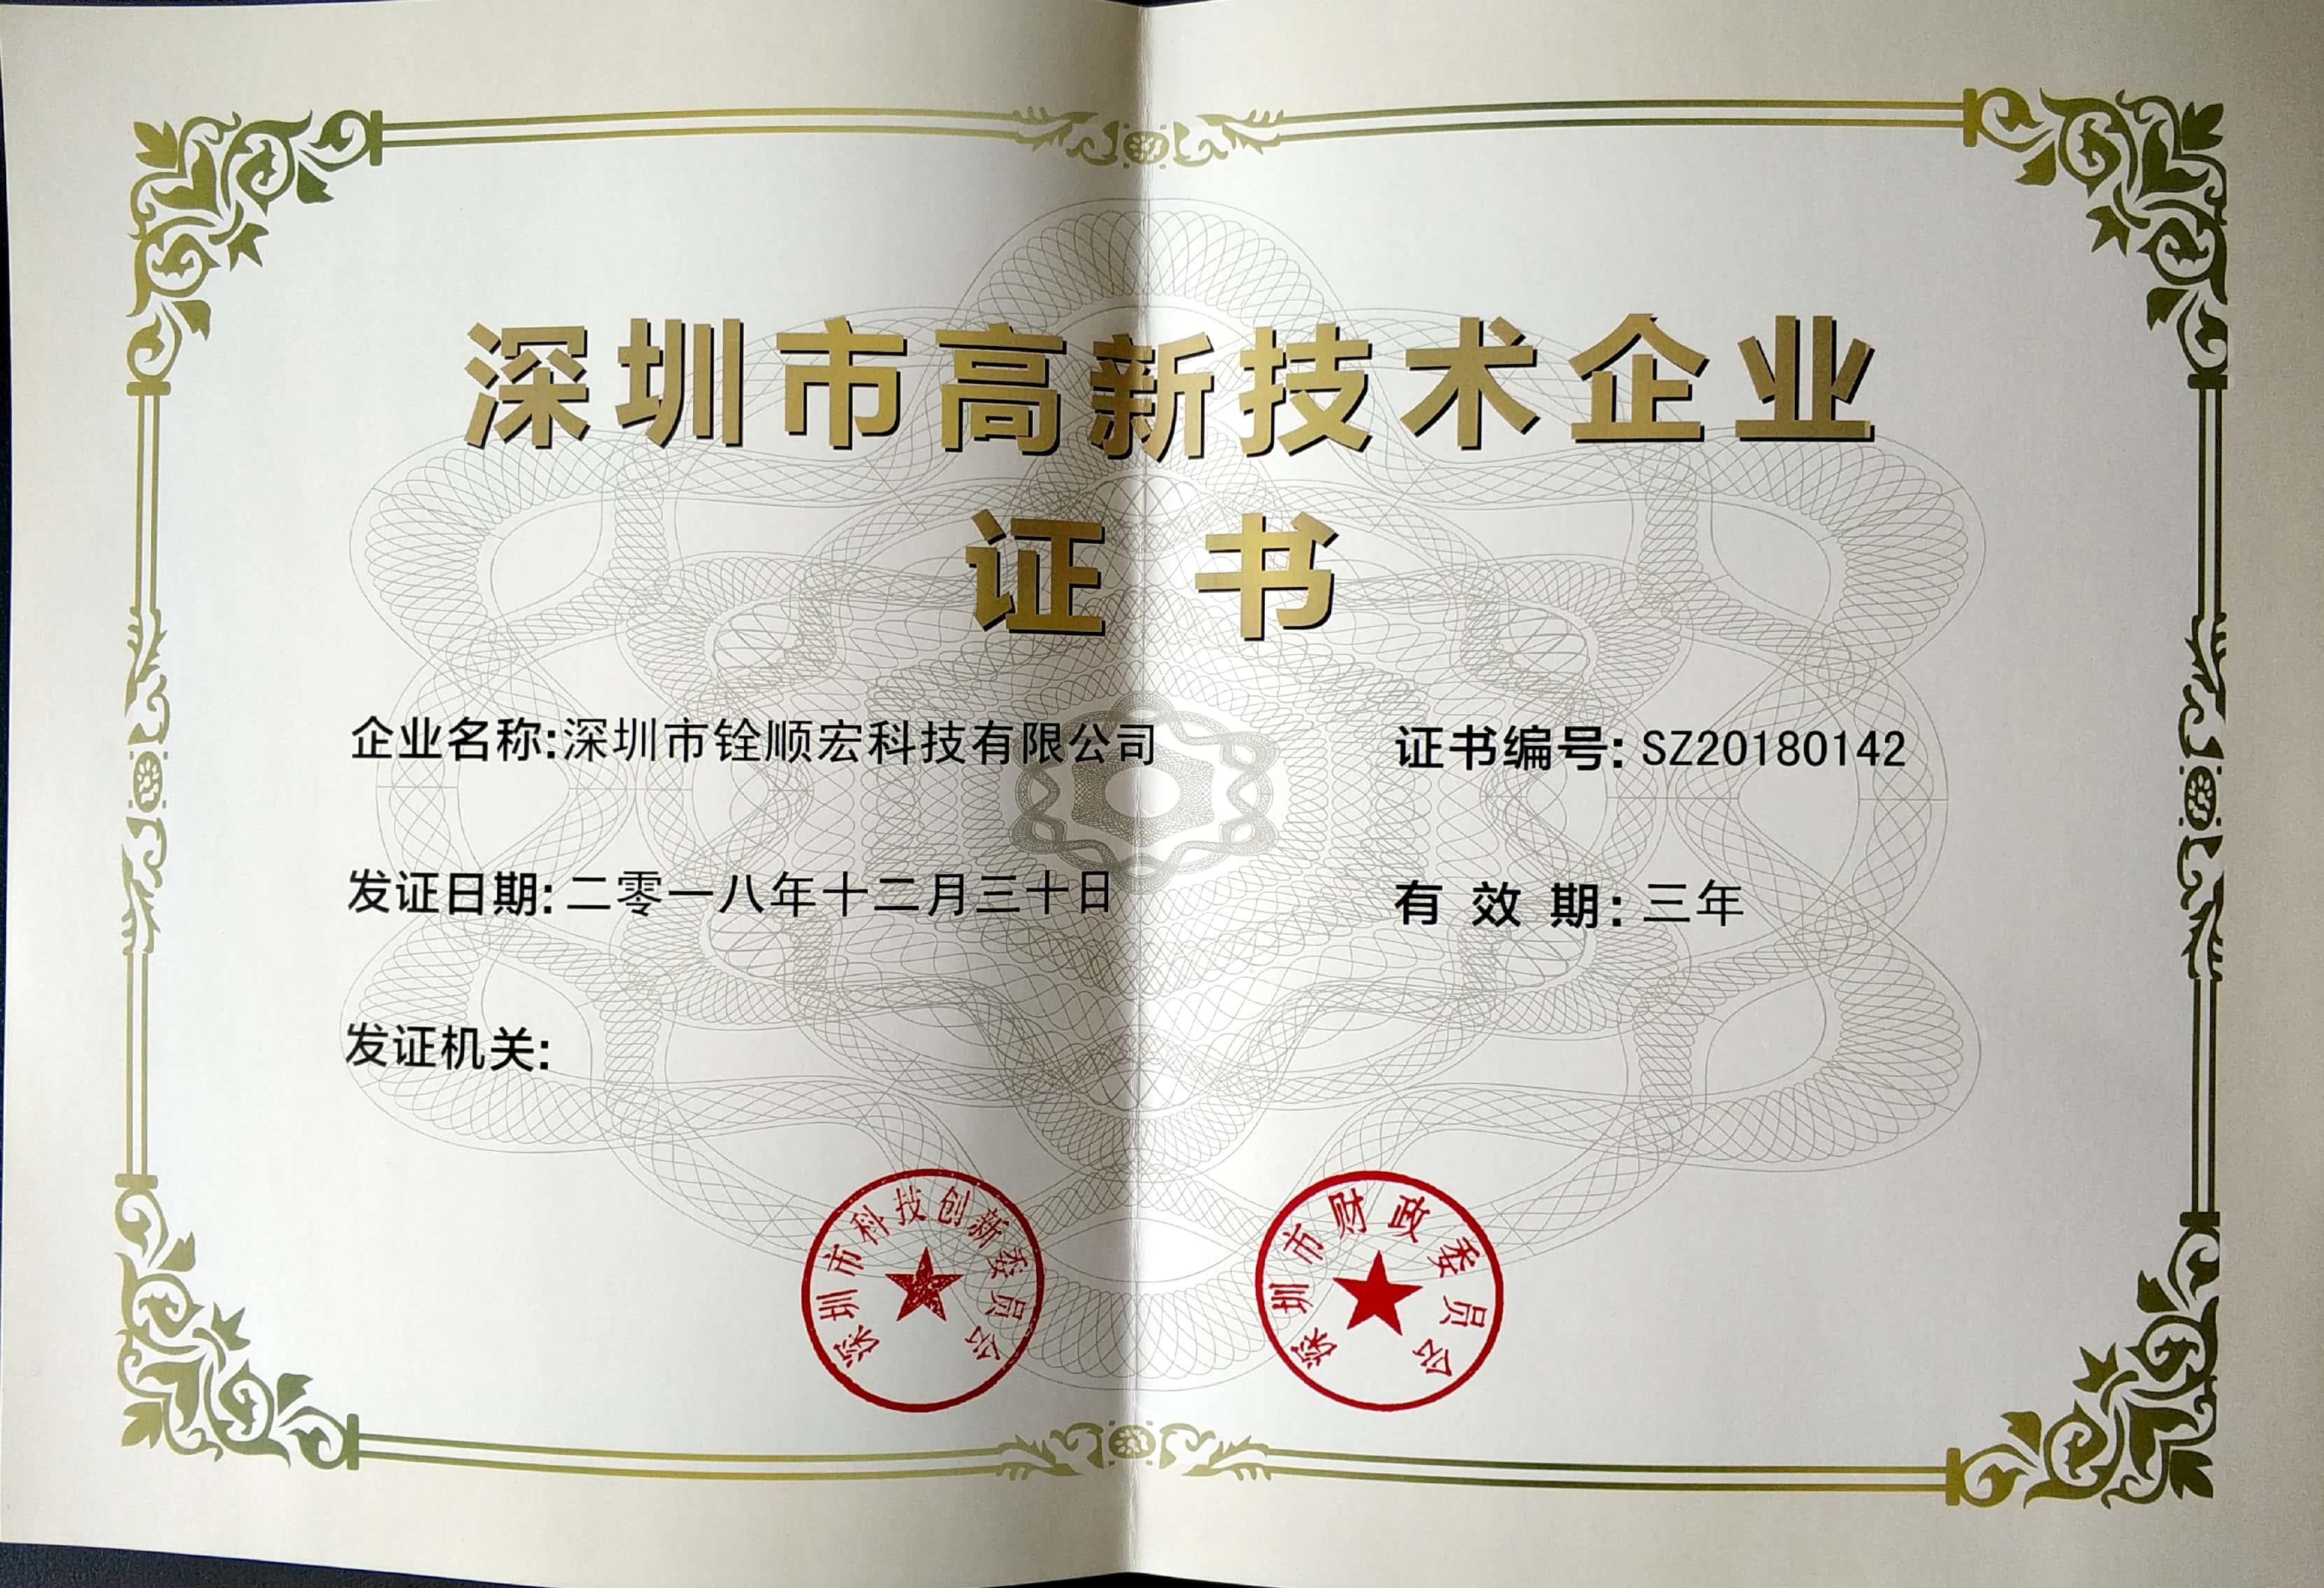 深圳市高新技术企业证书,铨顺宏